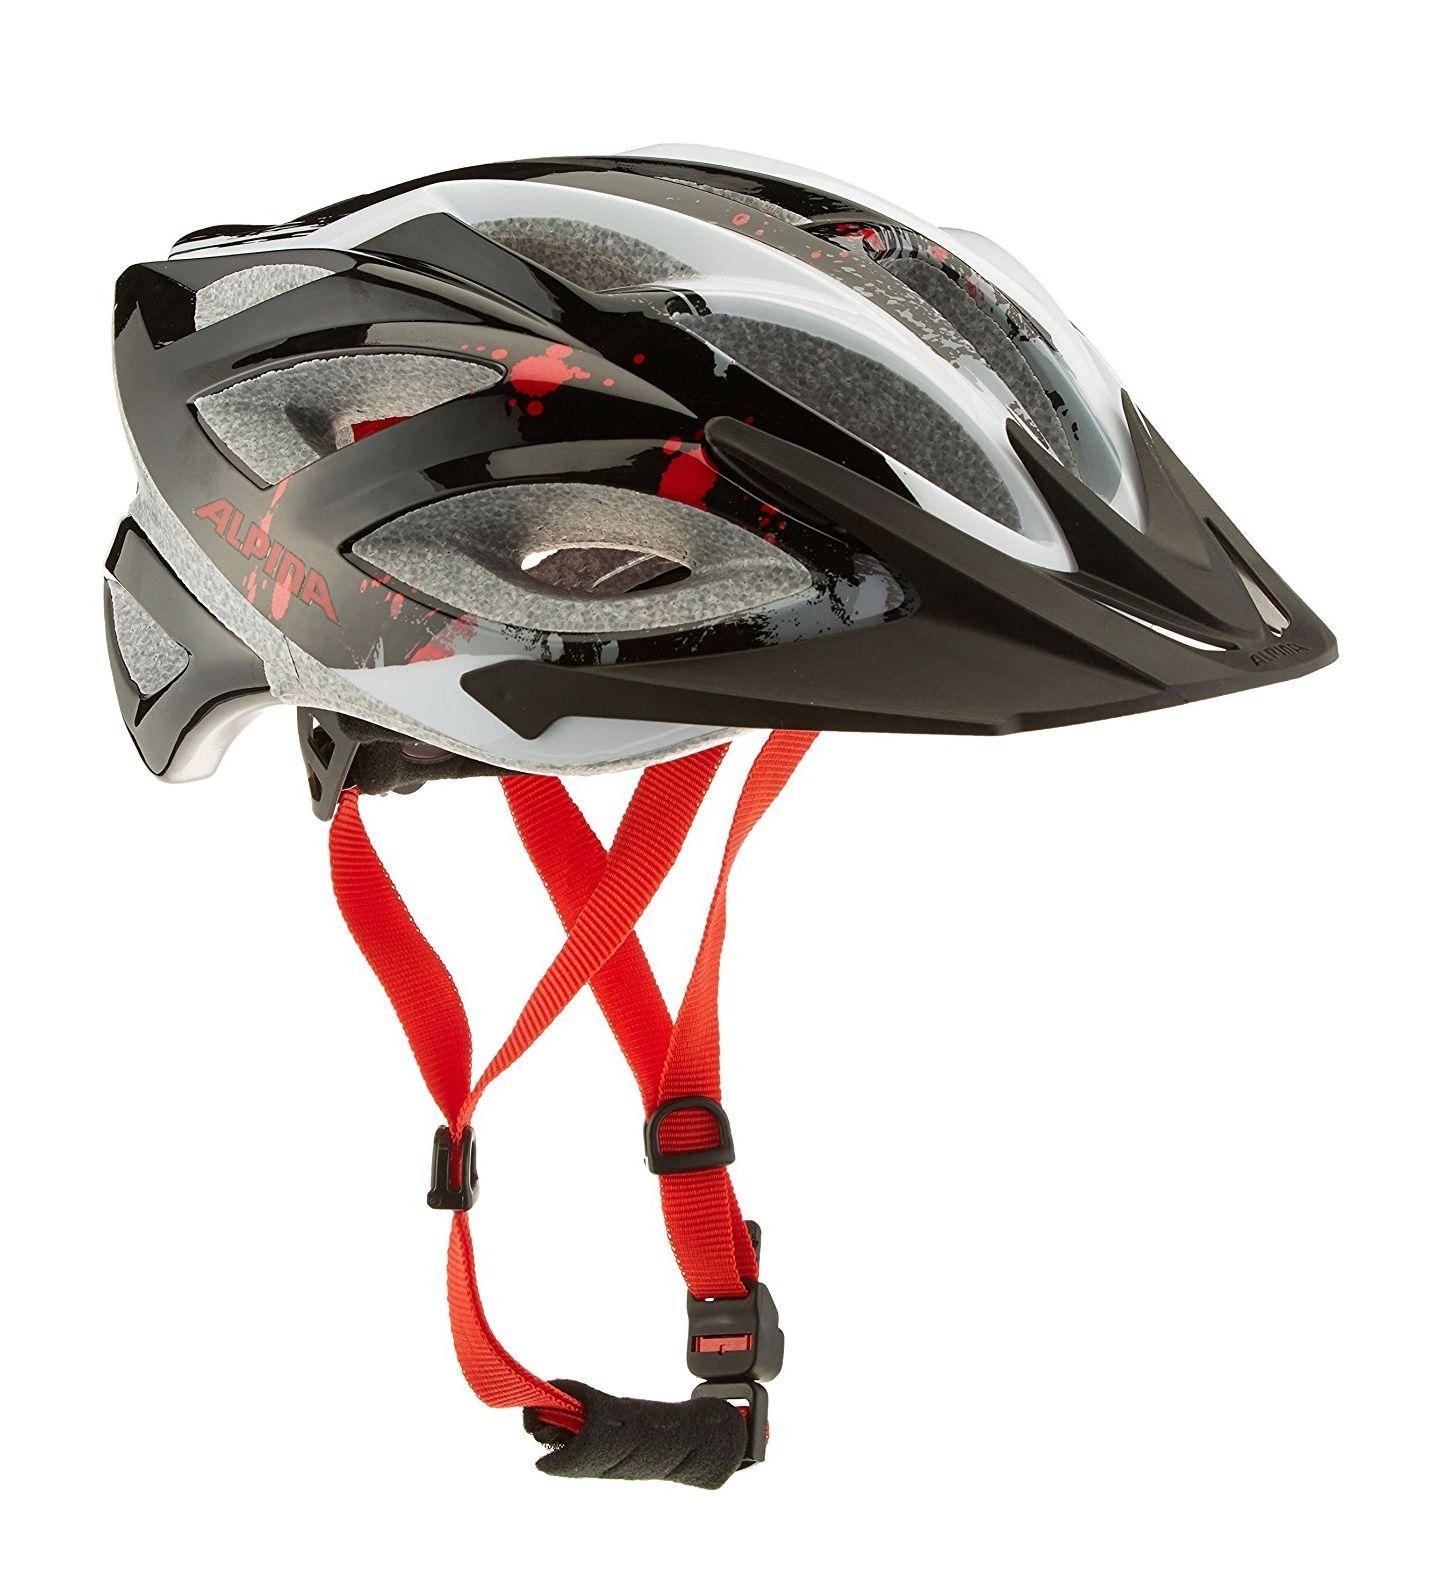 Alpina Seheos Fahrradhelm für große und kleine Köpfe in verschiedenen Farben @Amazon